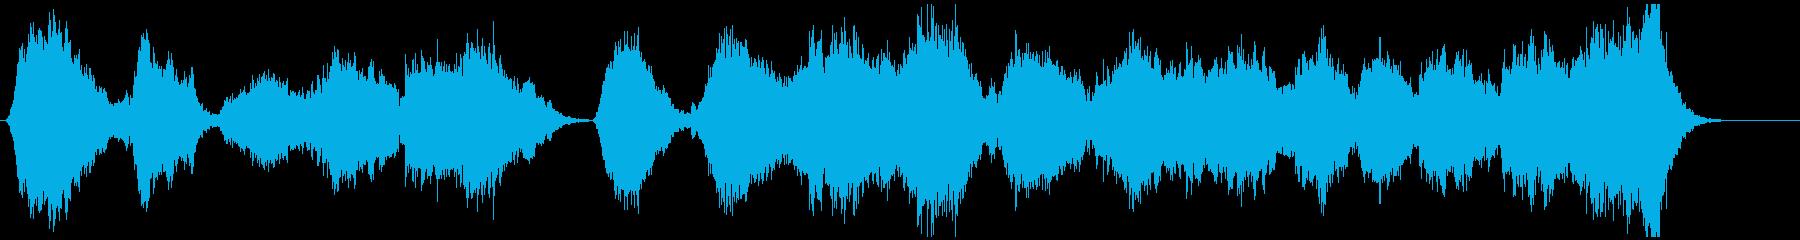 サスペンス・ホラー/恐怖が訪れる場面での再生済みの波形